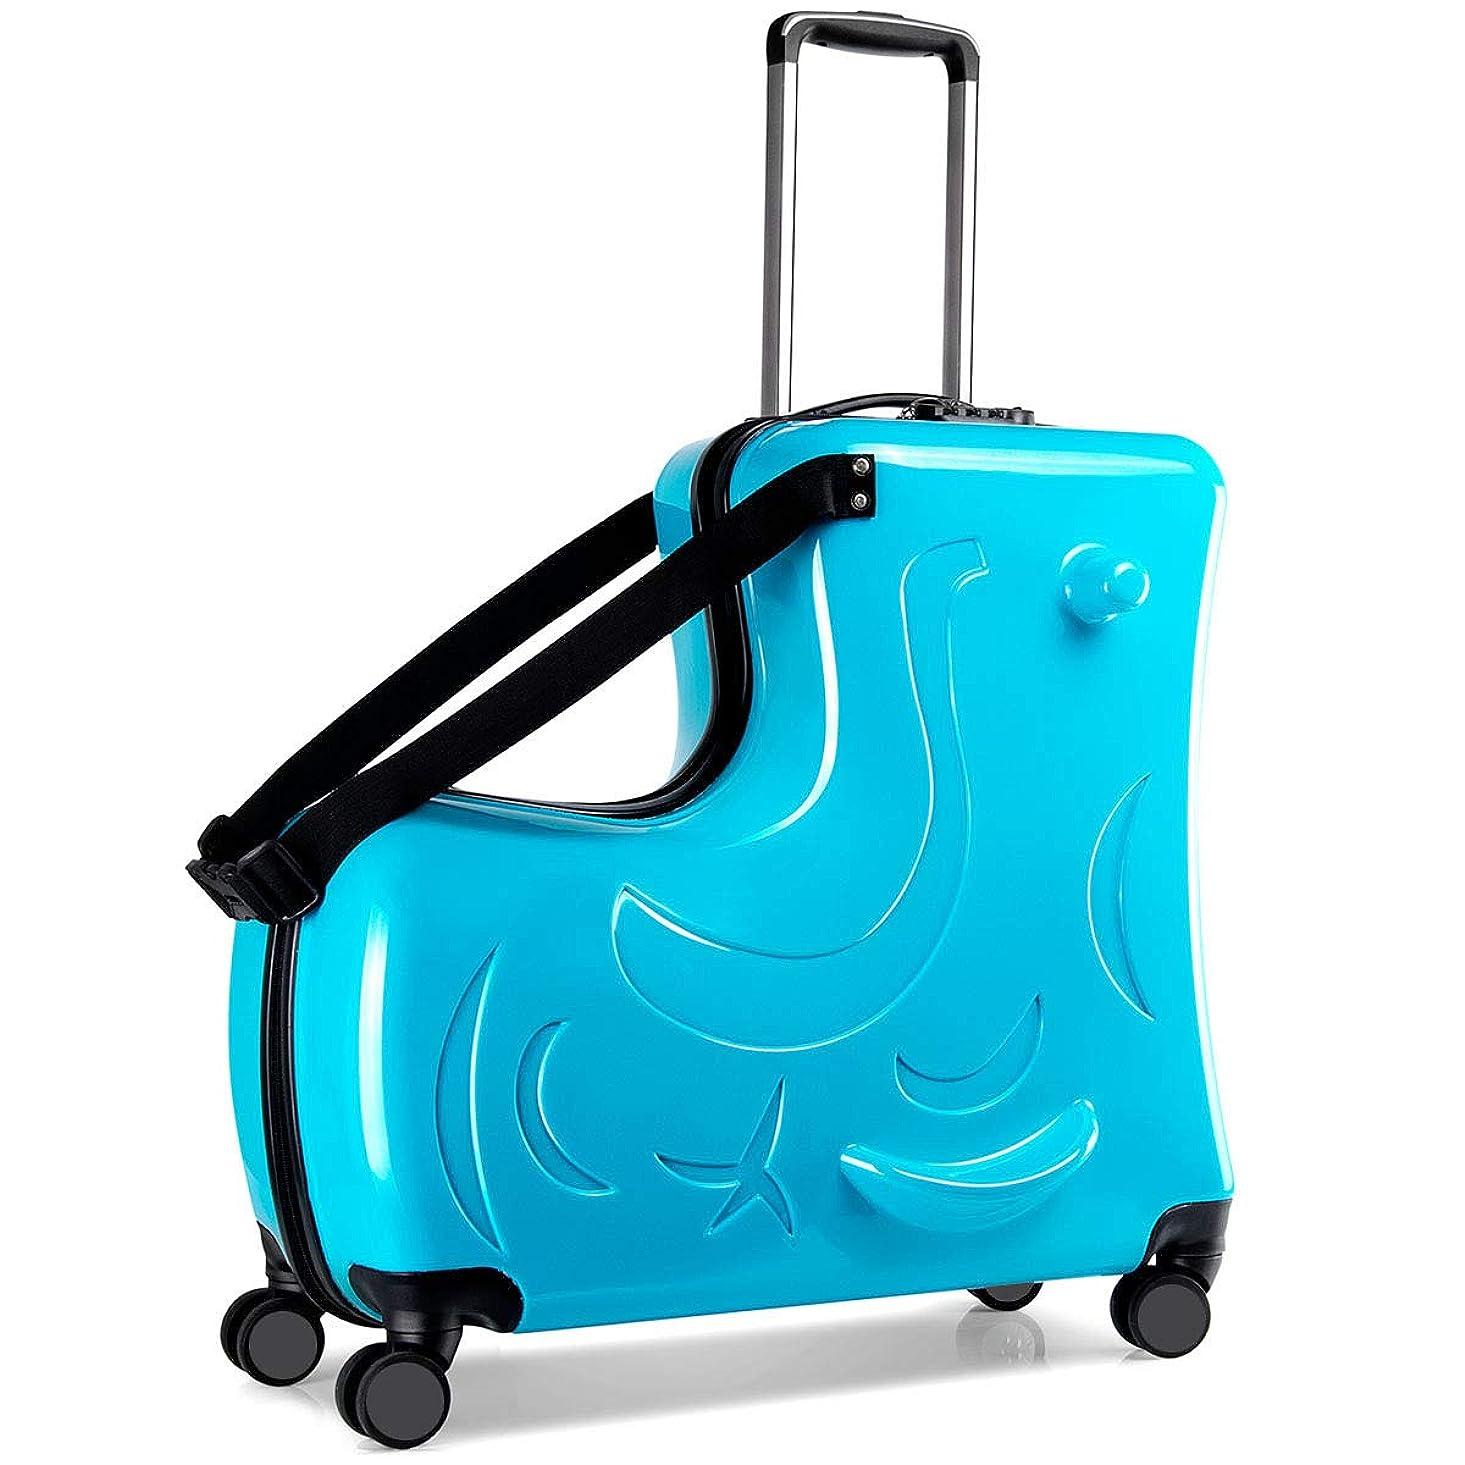 政治家の無冗談でスーツケース 子供が乗れる 木馬形 機内持込 キッズキャリーケース キャリーバッグ 軽量 静音 かわいい 小型 Sサイズ 丈夫 旅行 帰省 お出掛け 遠足